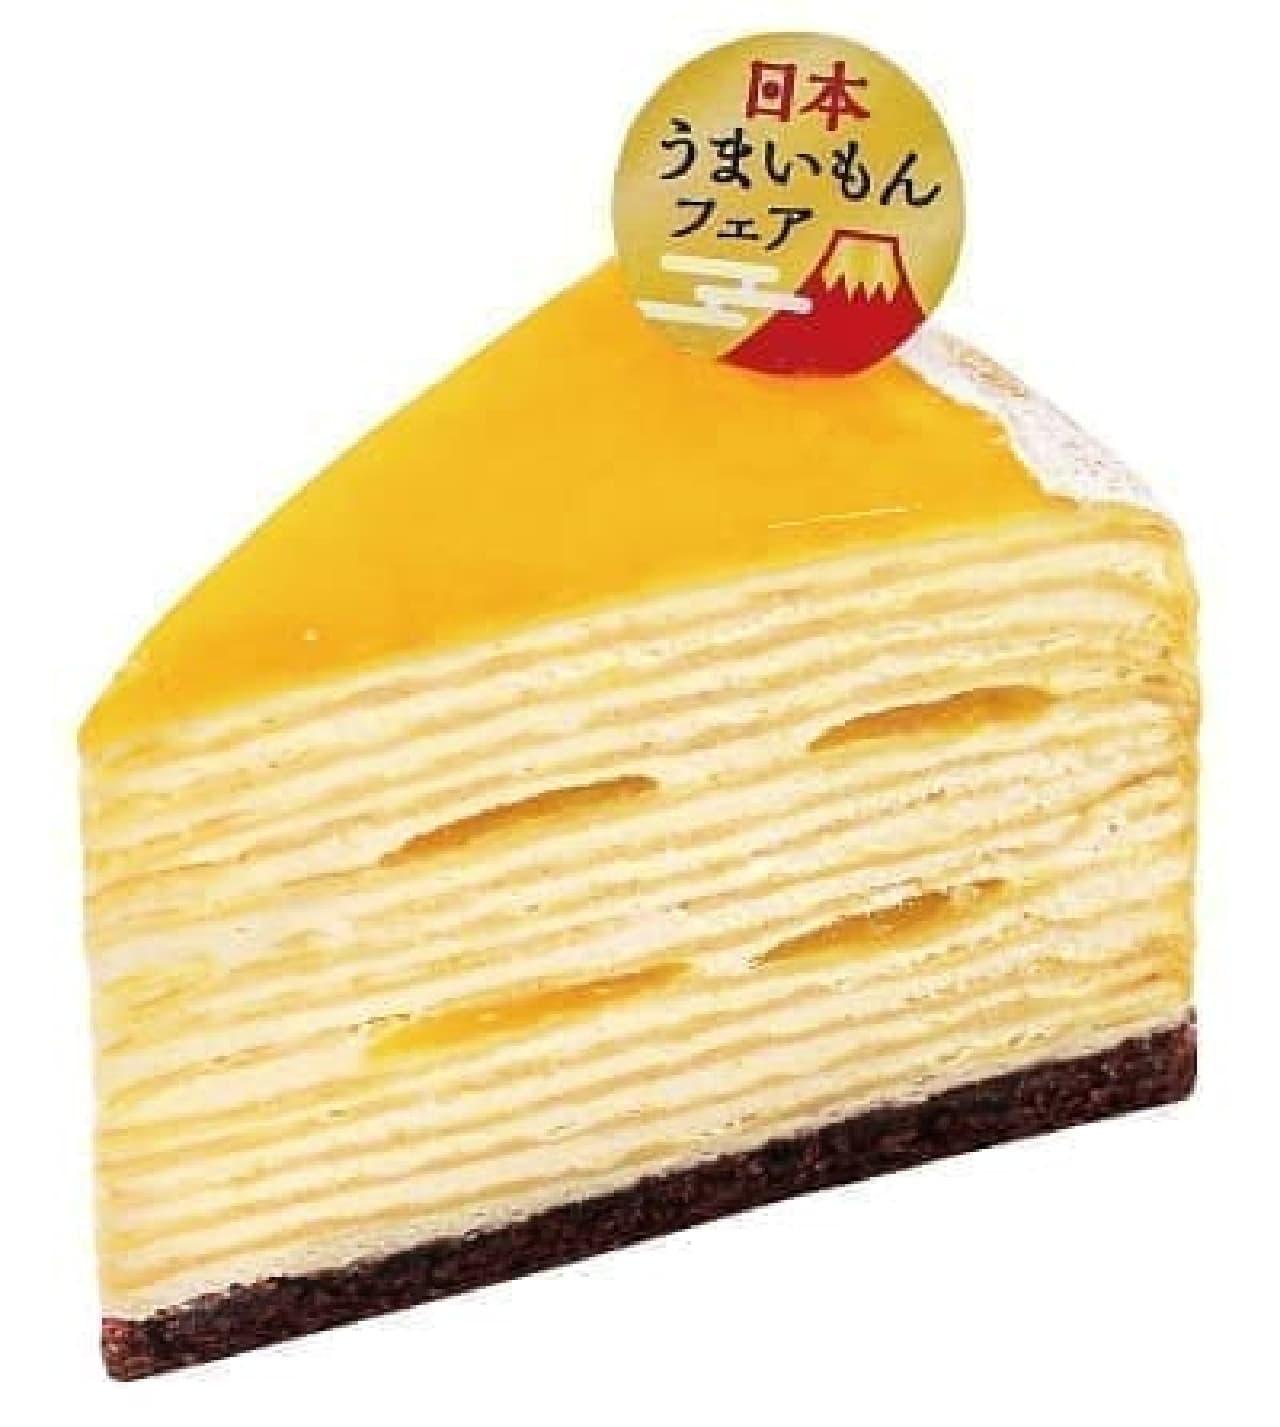 不二家洋菓子店「愛媛県産温州みかんのミルクレープ」